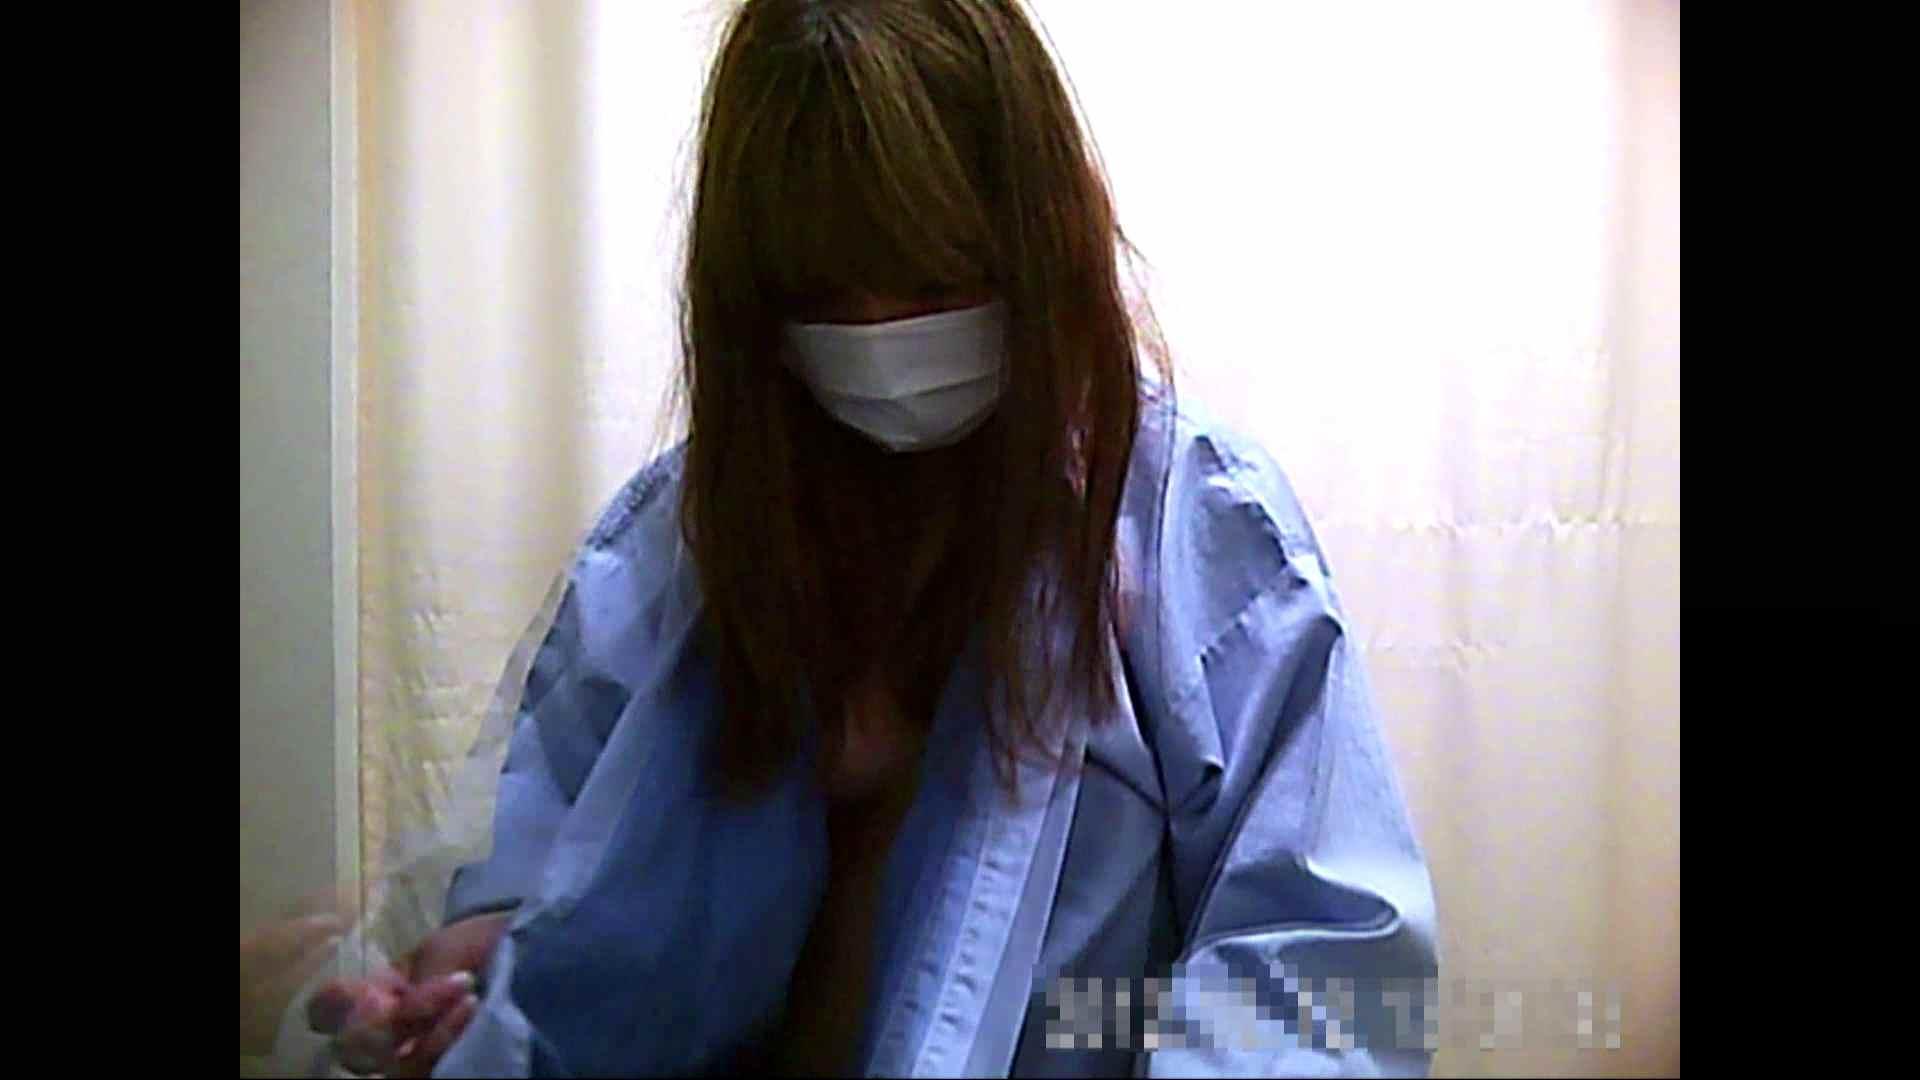 元医者による反抗 更衣室地獄絵巻 vol.061 OLハメ撮り  91Pix 90